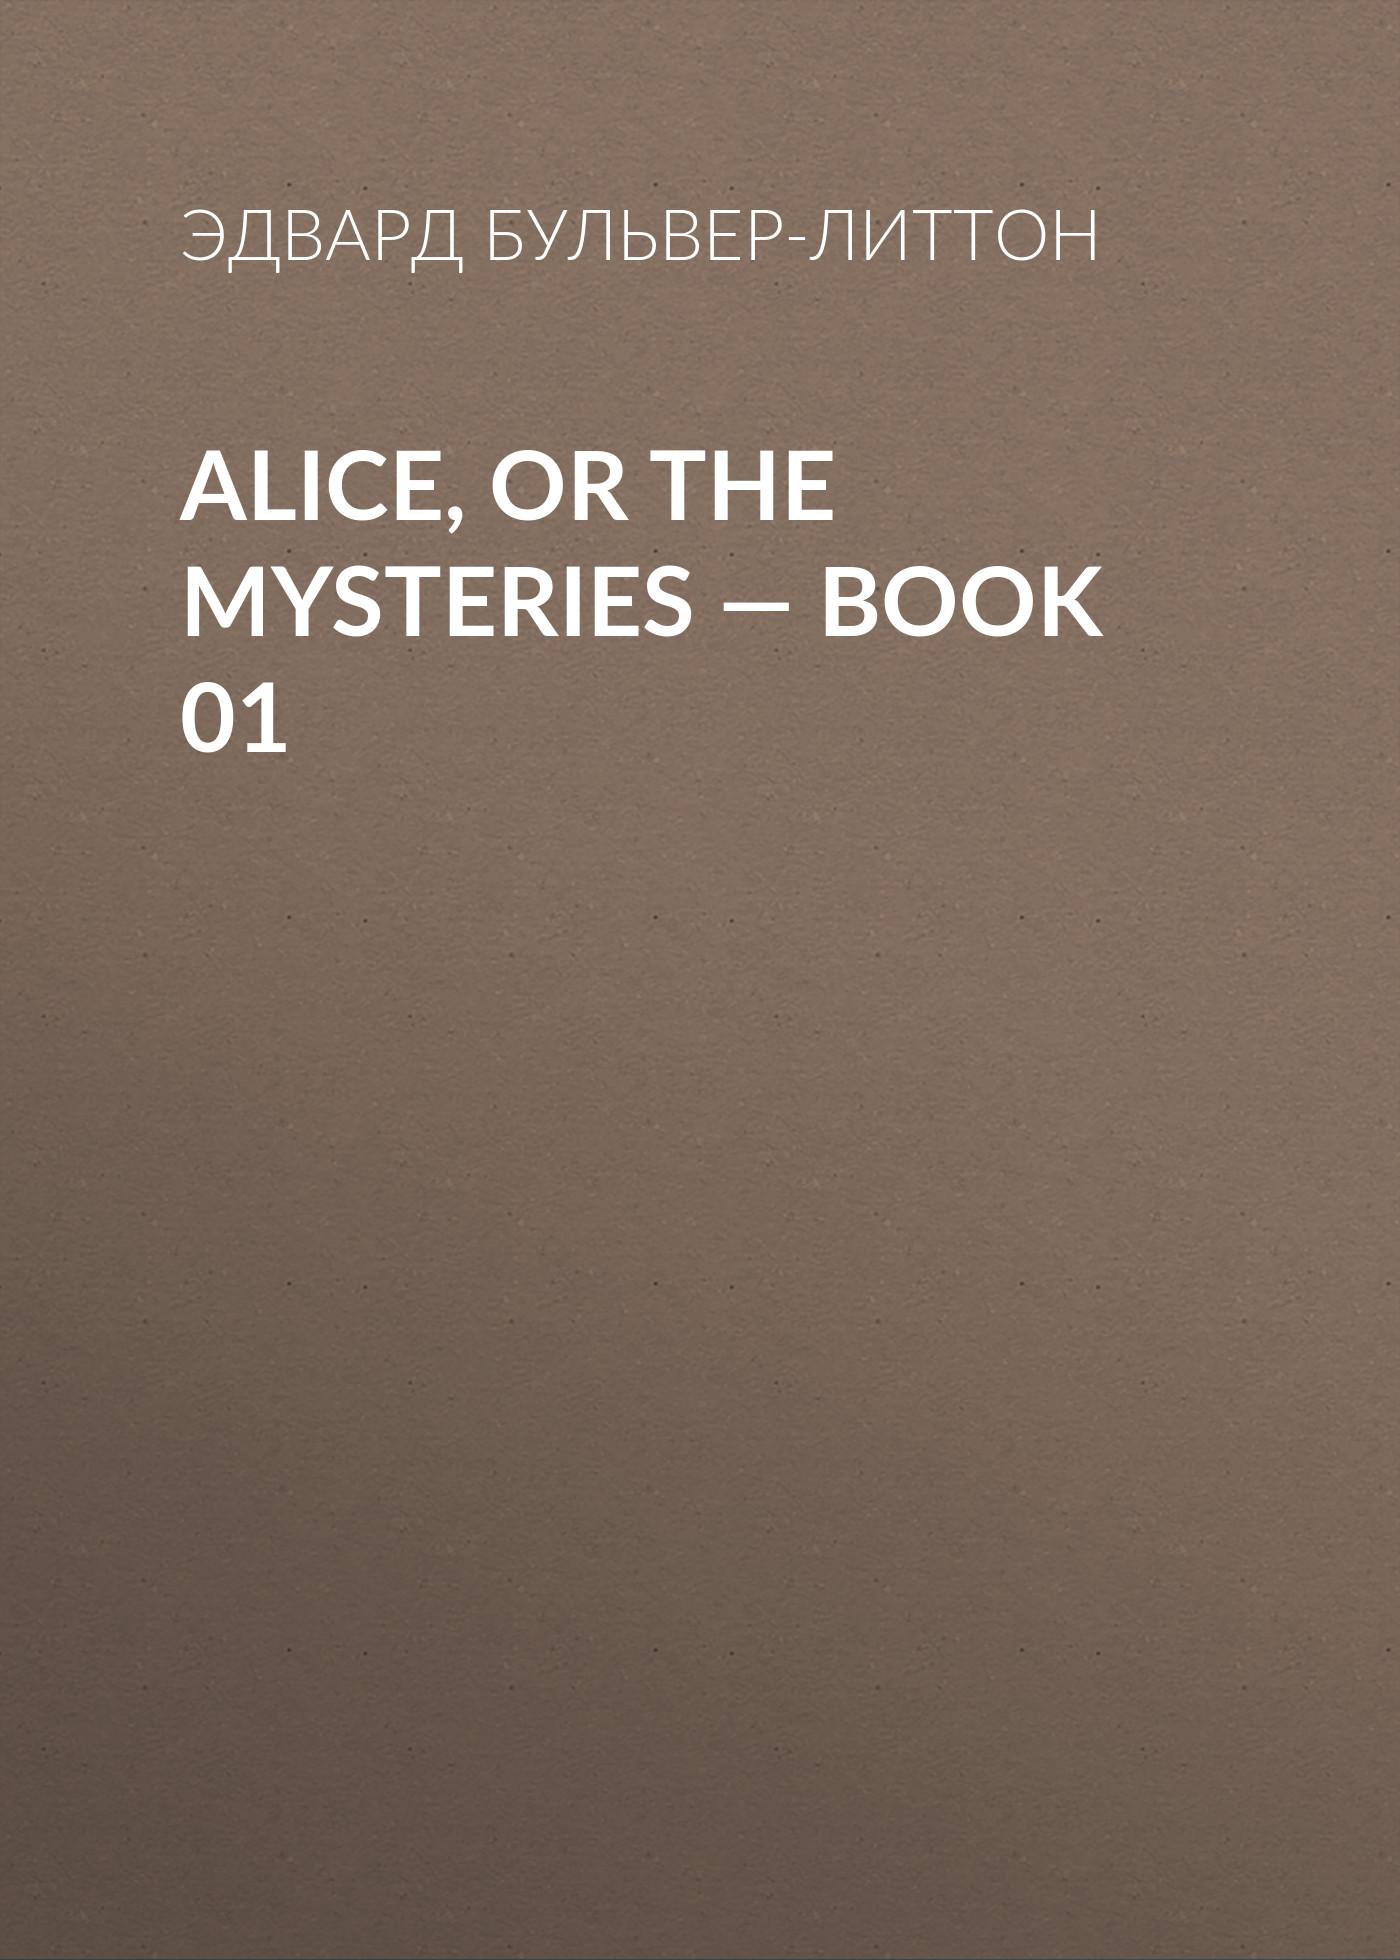 Эдвард Бульвер-Литтон Alice, or the Mysteries — Book 01 эдвард бульвер литтон leila or the siege of granada book iv